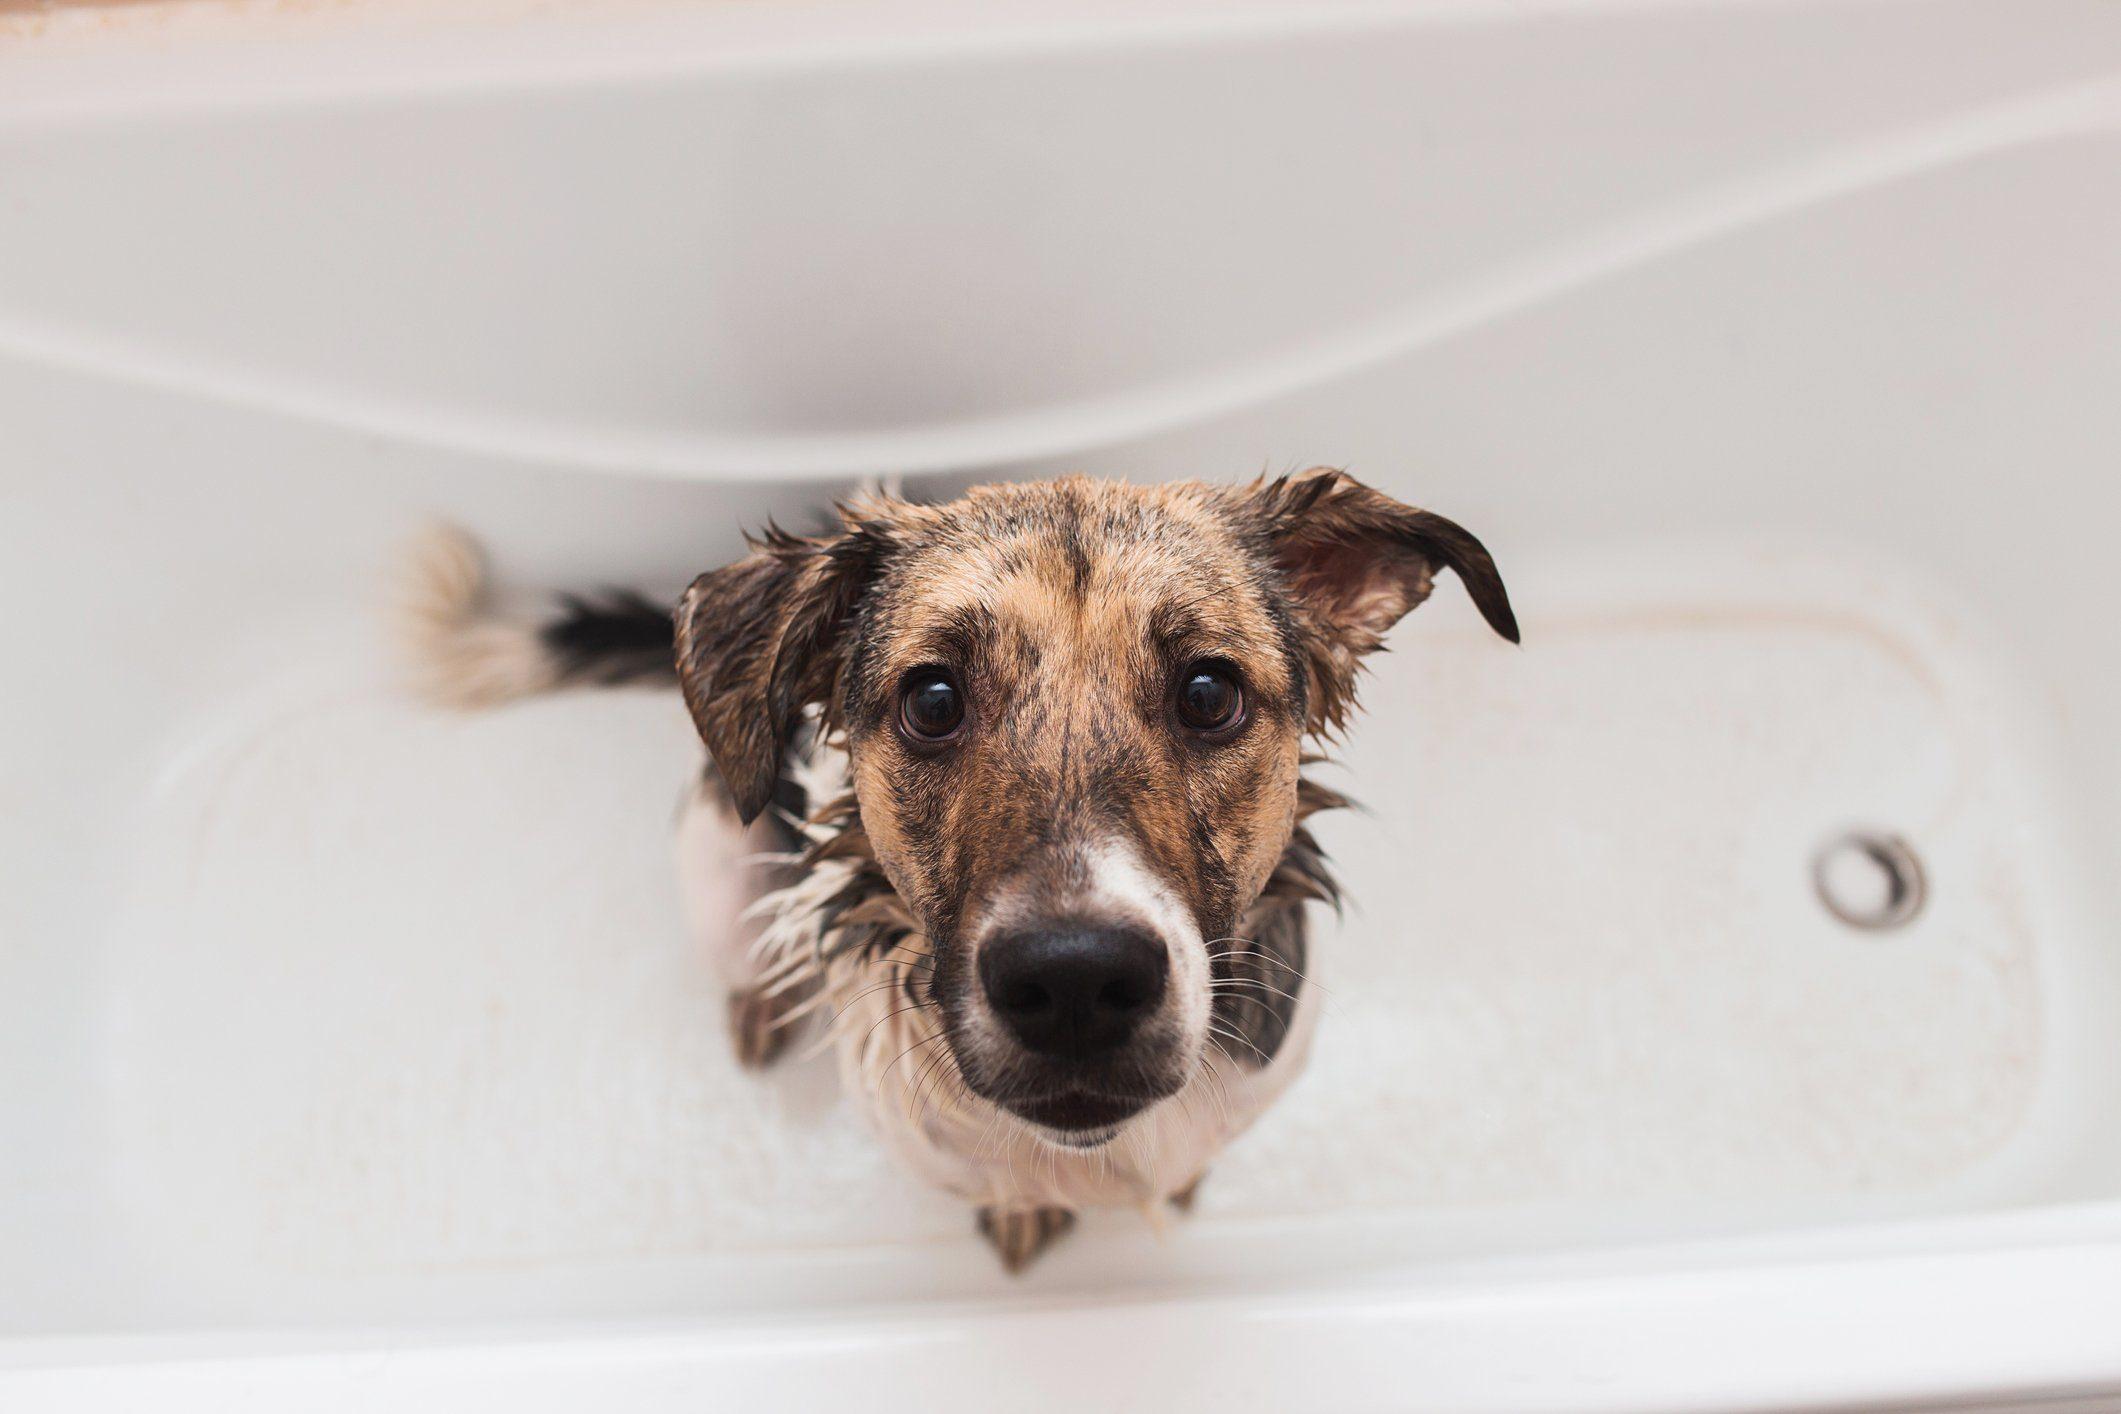 dog in bath tub looking up at camera